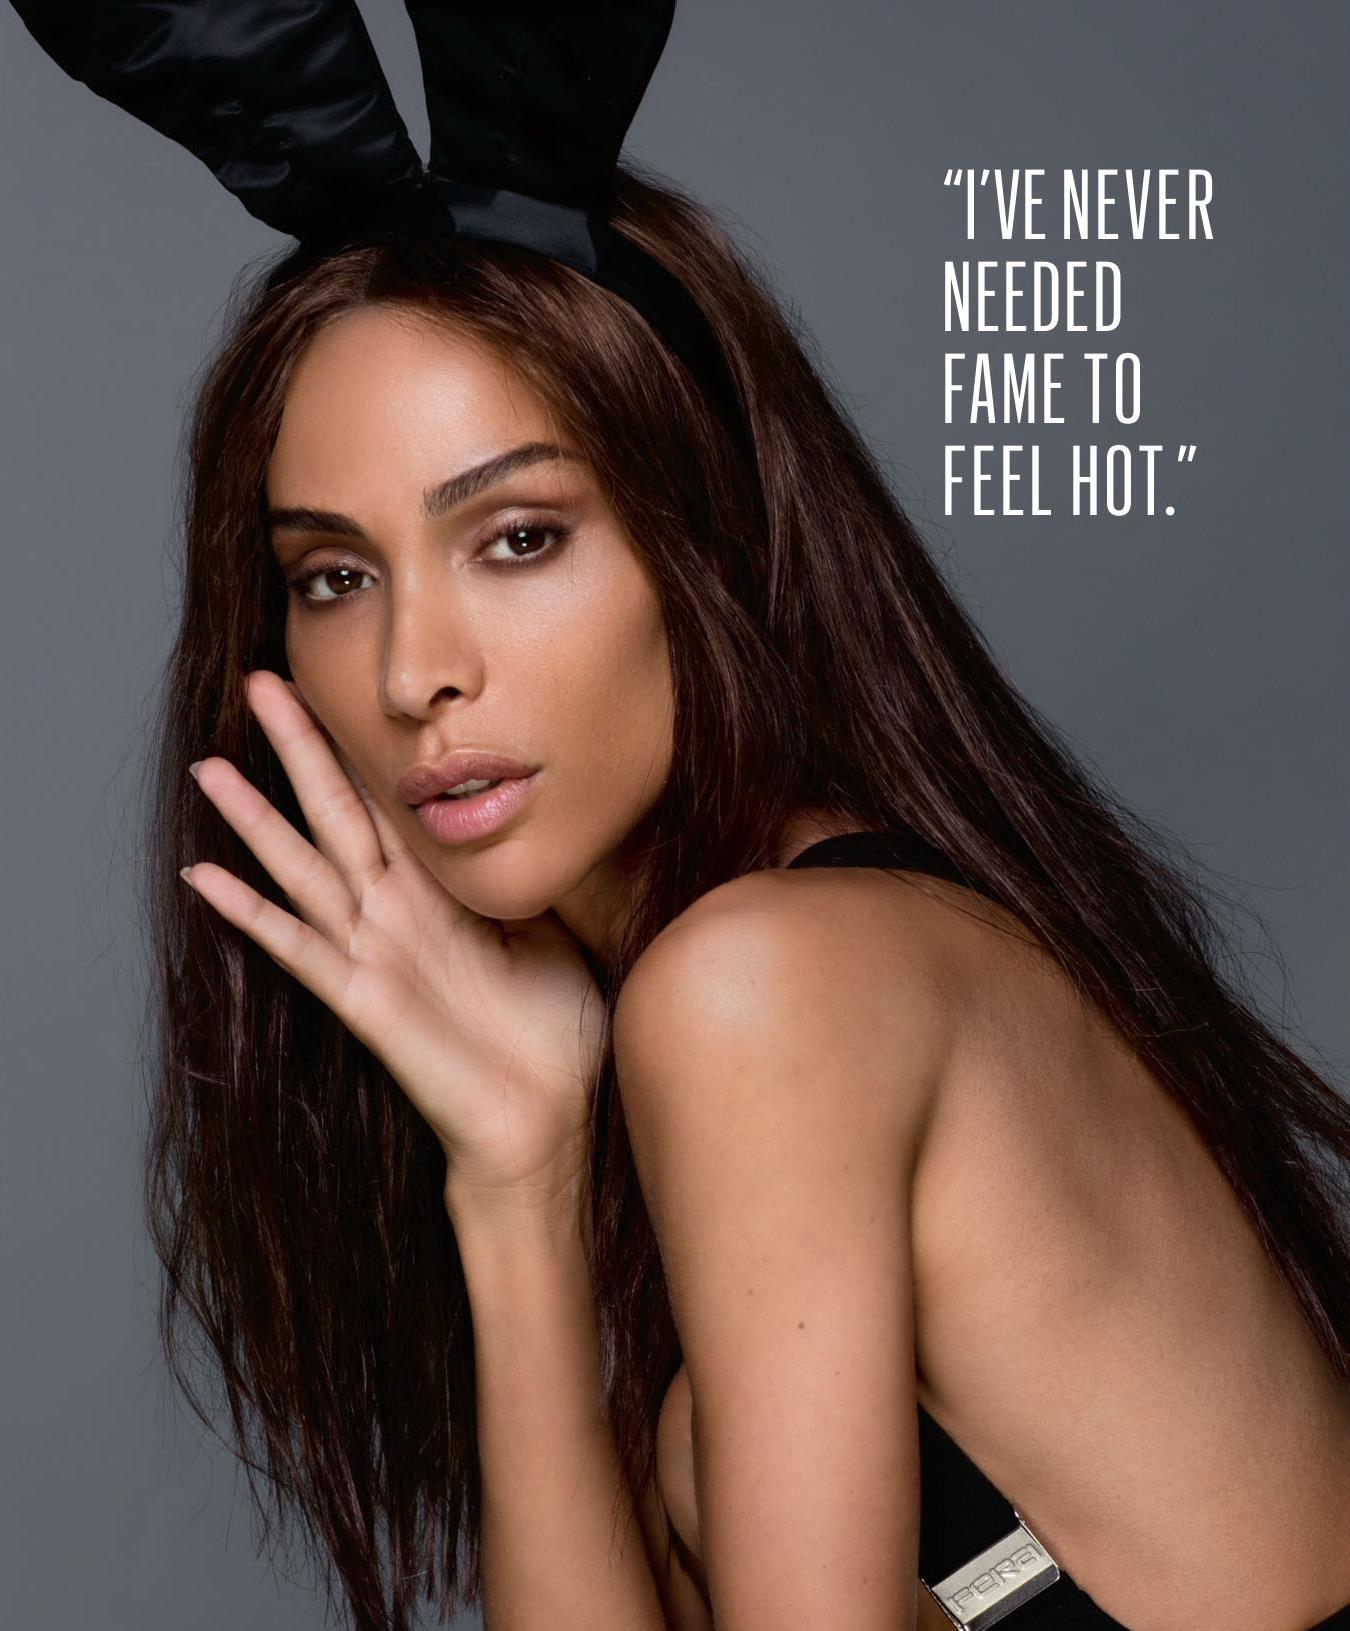 [Image: Ines-Rau-transgender-Playboy_3.jpg]